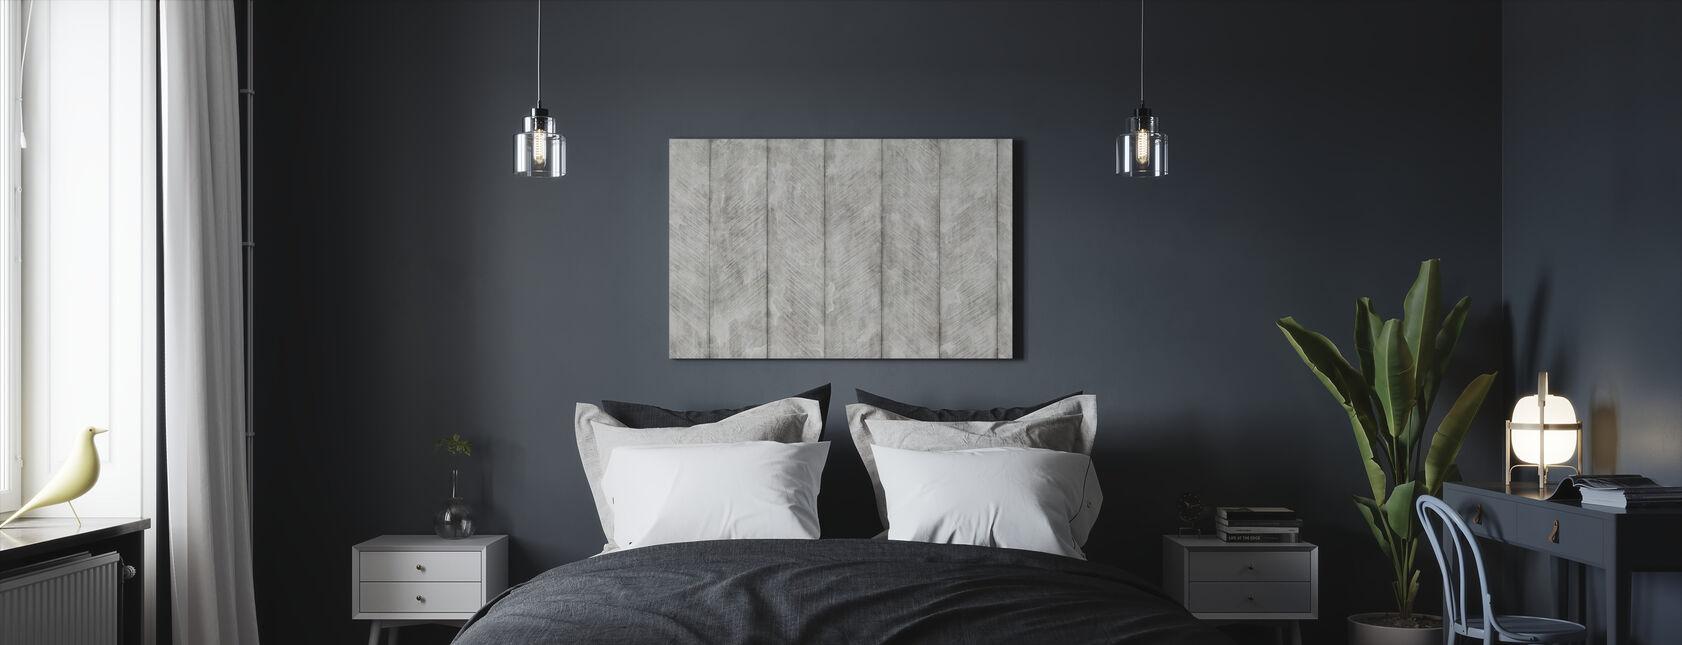 Betonnen muur - Fishbone - Canvas print - Slaapkamer